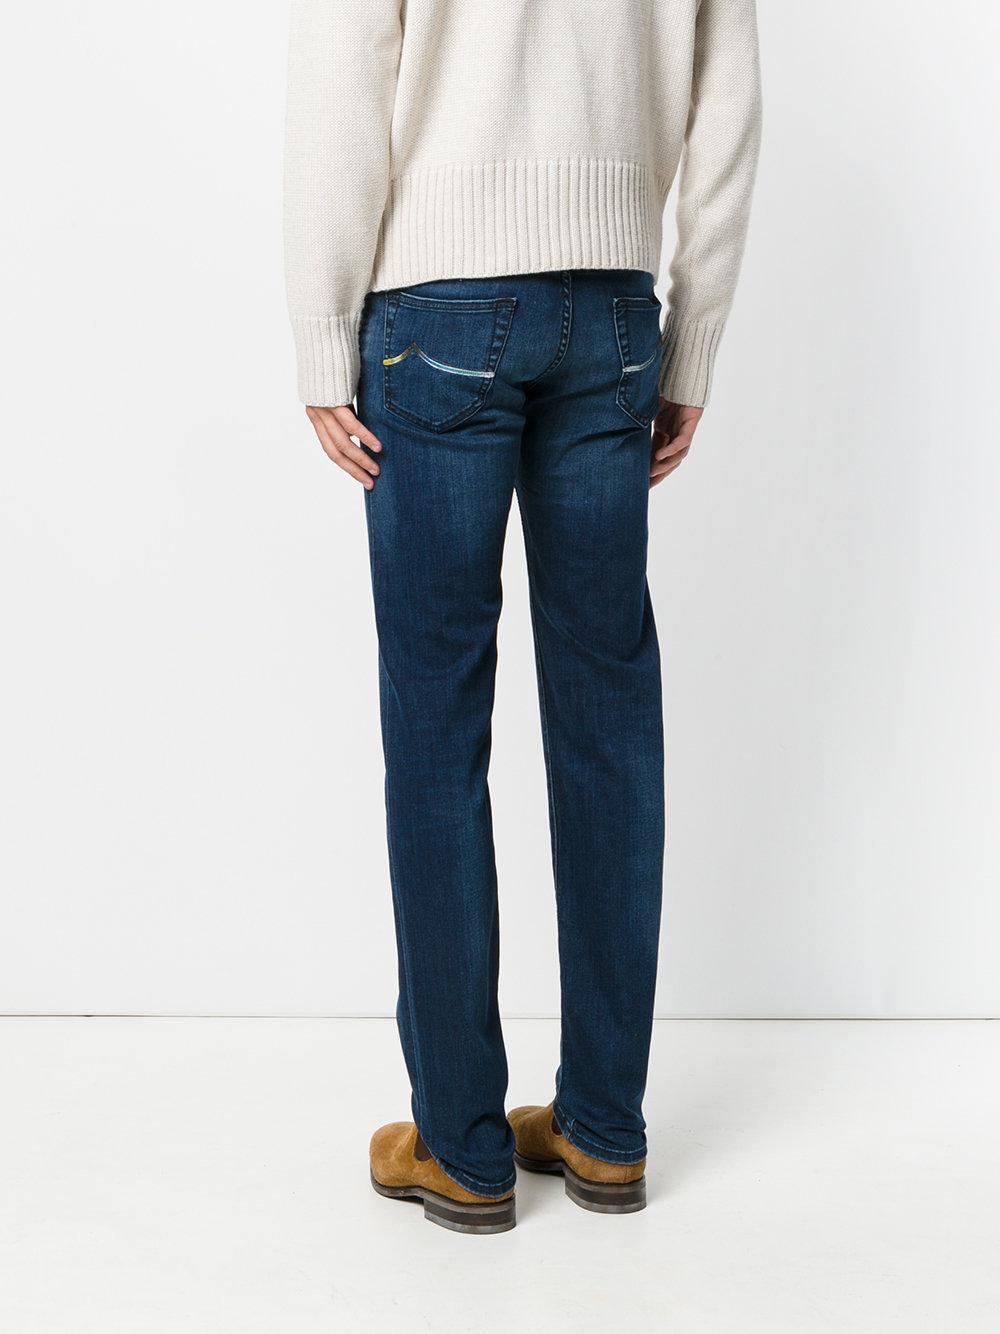 Jacob Cohen Denim Slim-fit Comfort Jeans in Blue for Men